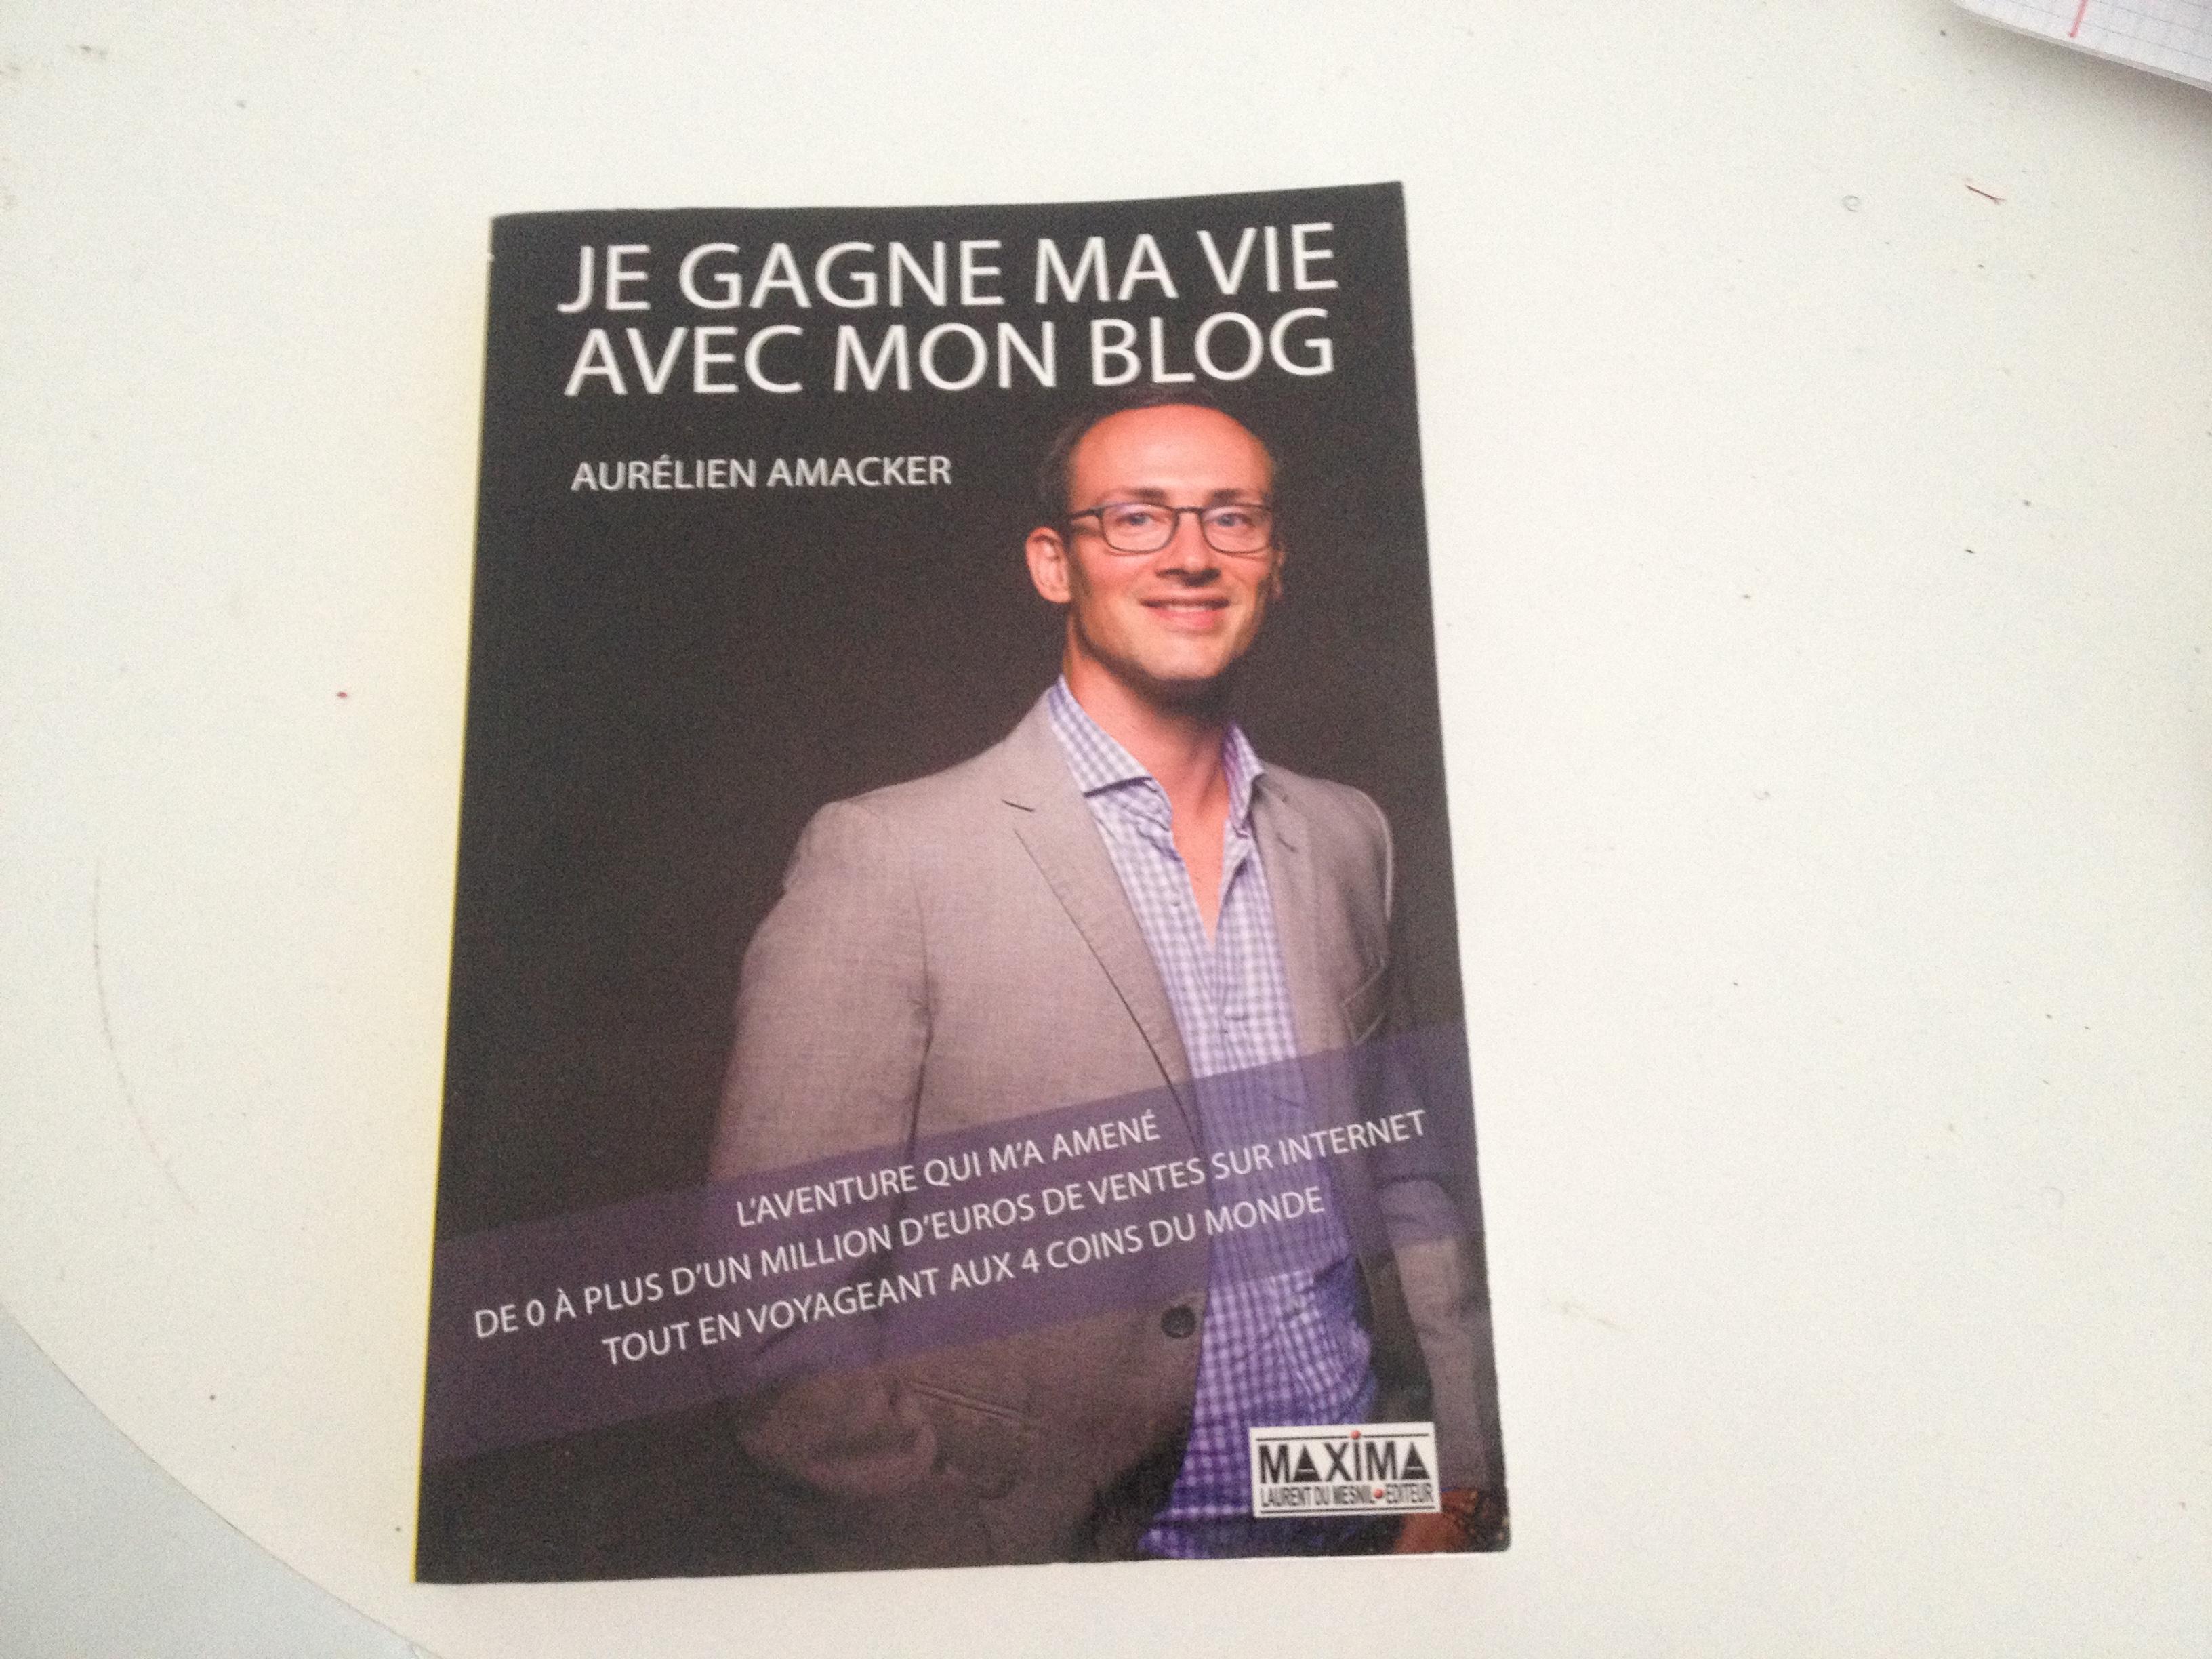 J'ai lu pour toi je gagne ma vie avec mon blog d'Aurélien Amacker